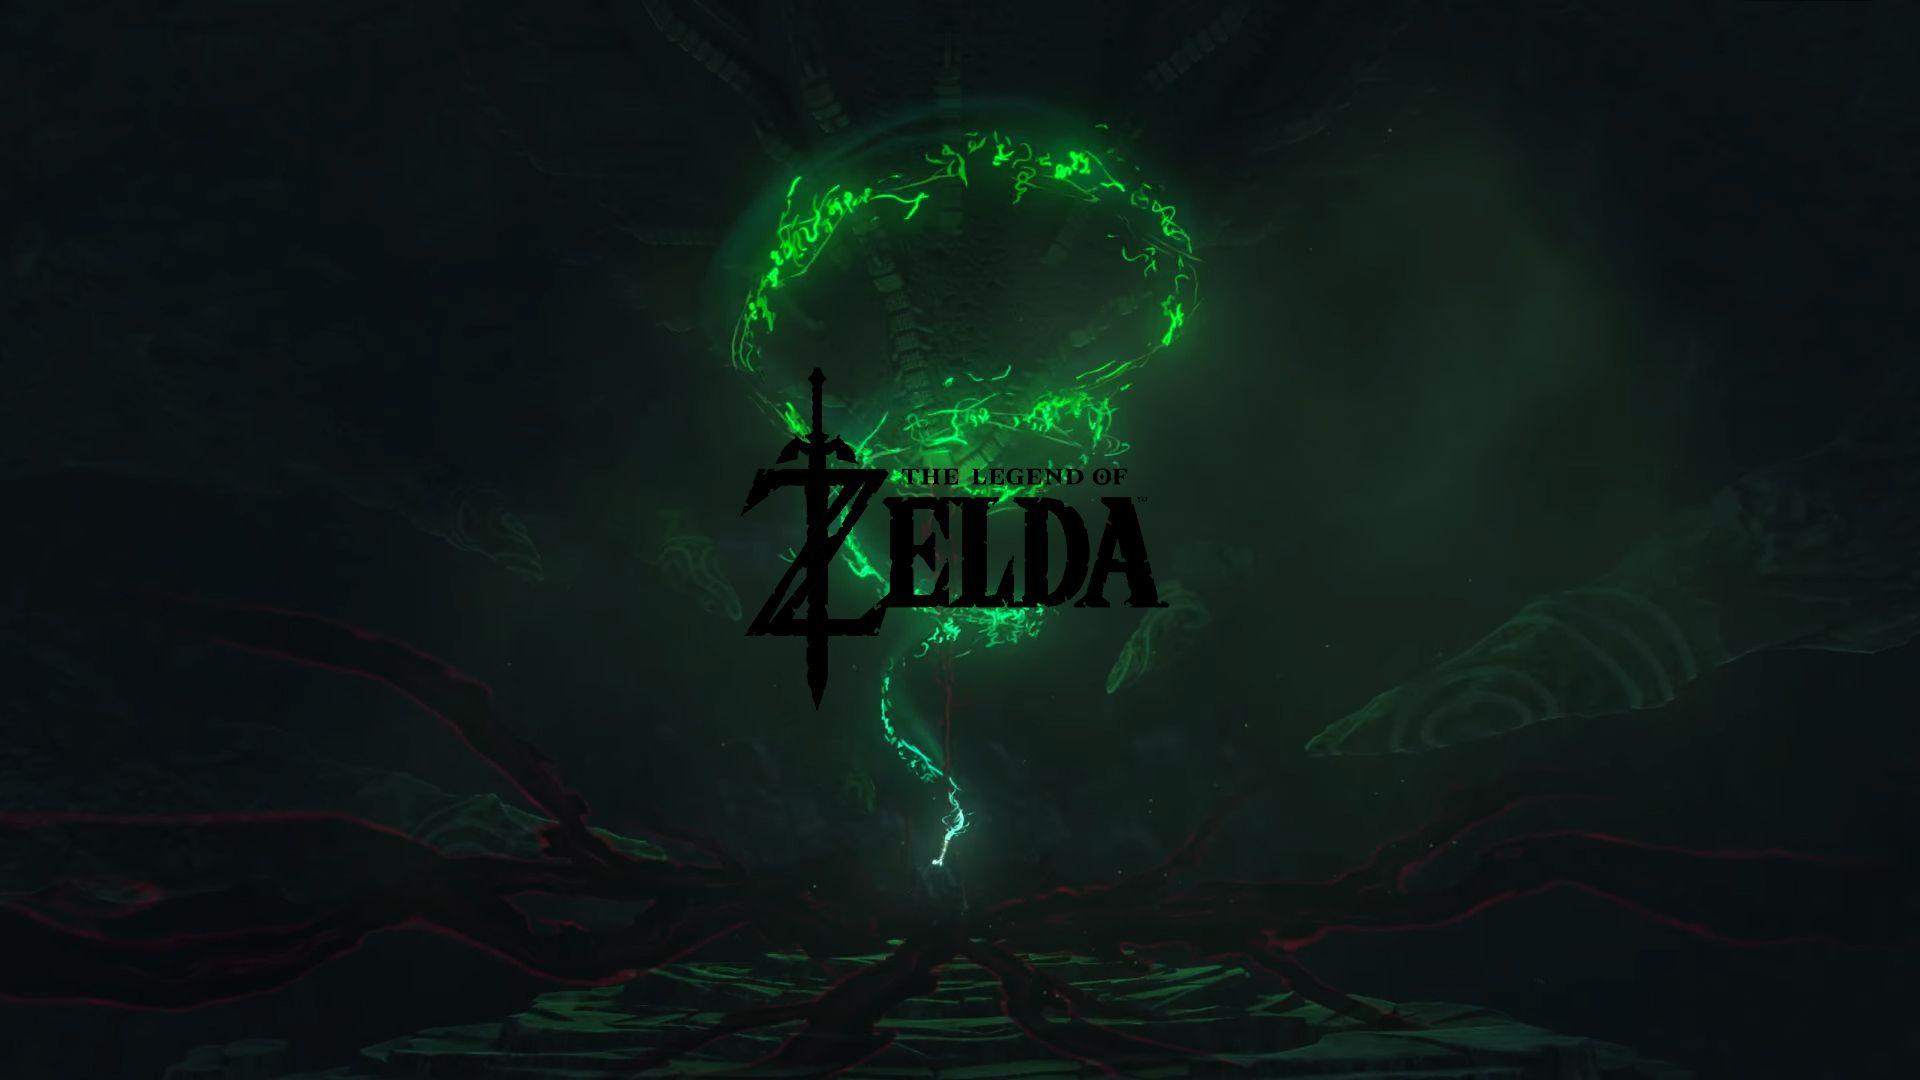 Zelda Breath Of The Wild 2 Wallpaper Botw2 Zelda Breath Breath Of The Wild Legend Of Zelda Breath